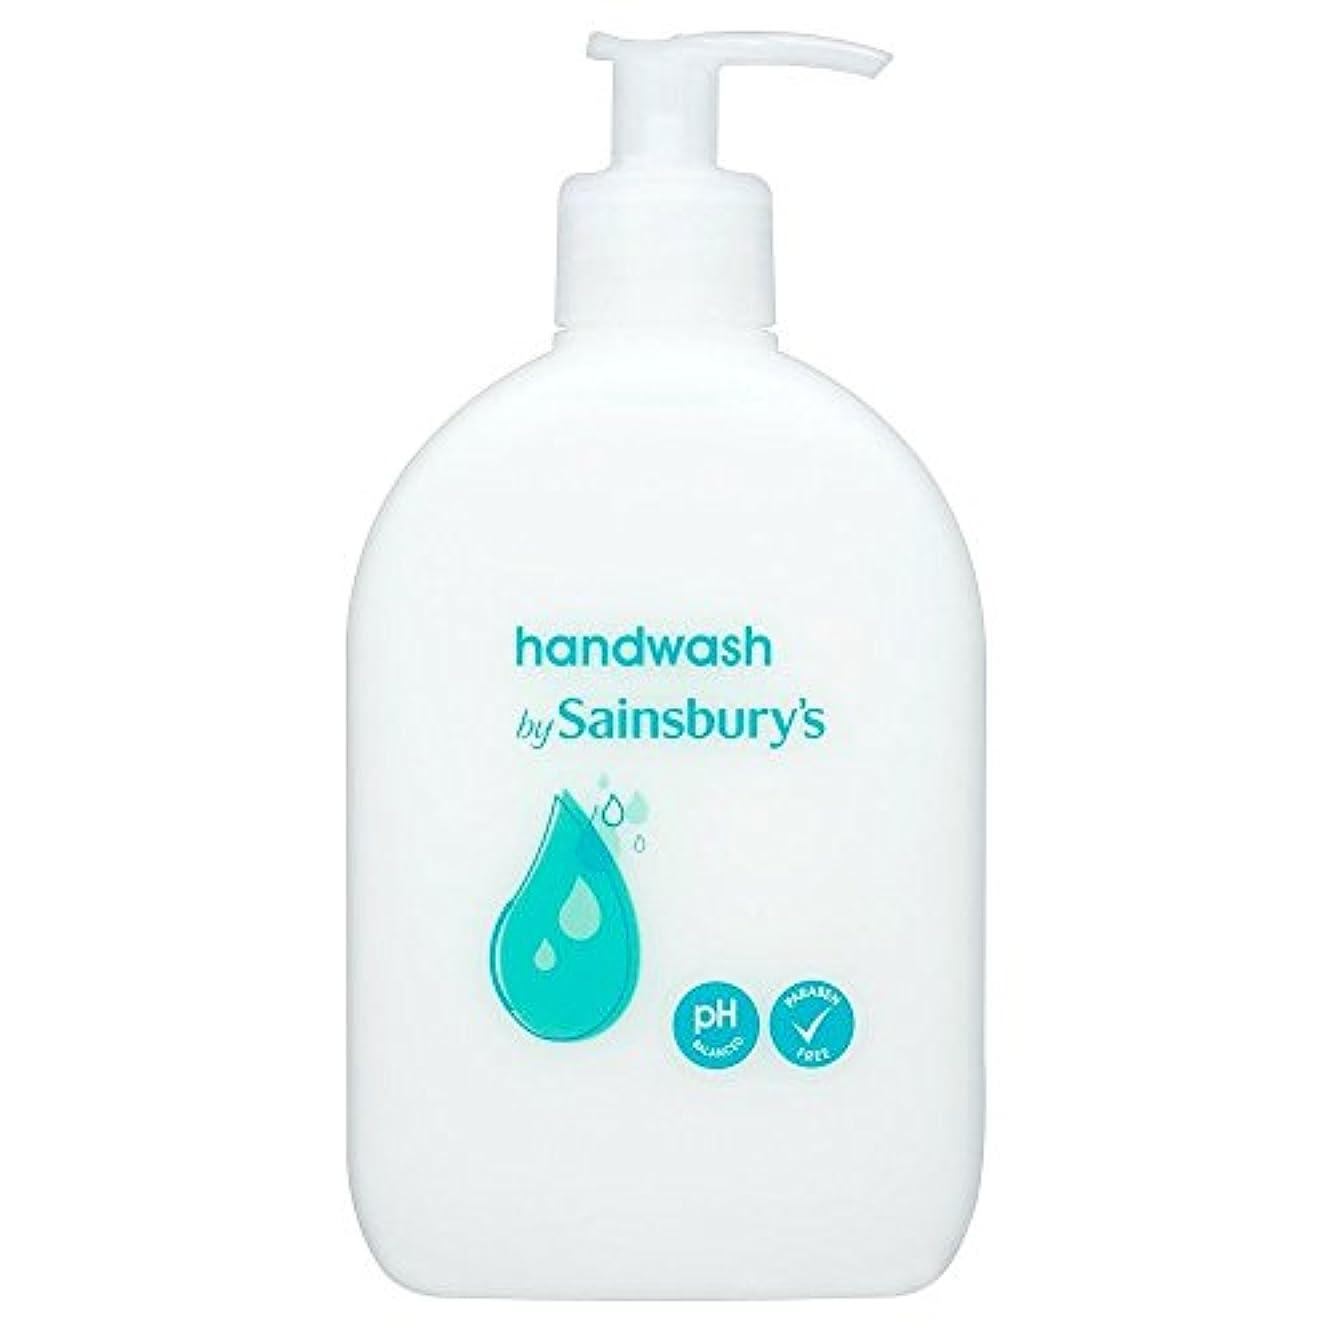 テーブルスポーツの試合を担当している人時々時々Sainsbury's Handwash, White 500ml - (Sainsbury's) 手洗い、白500ミリリットル [並行輸入品]